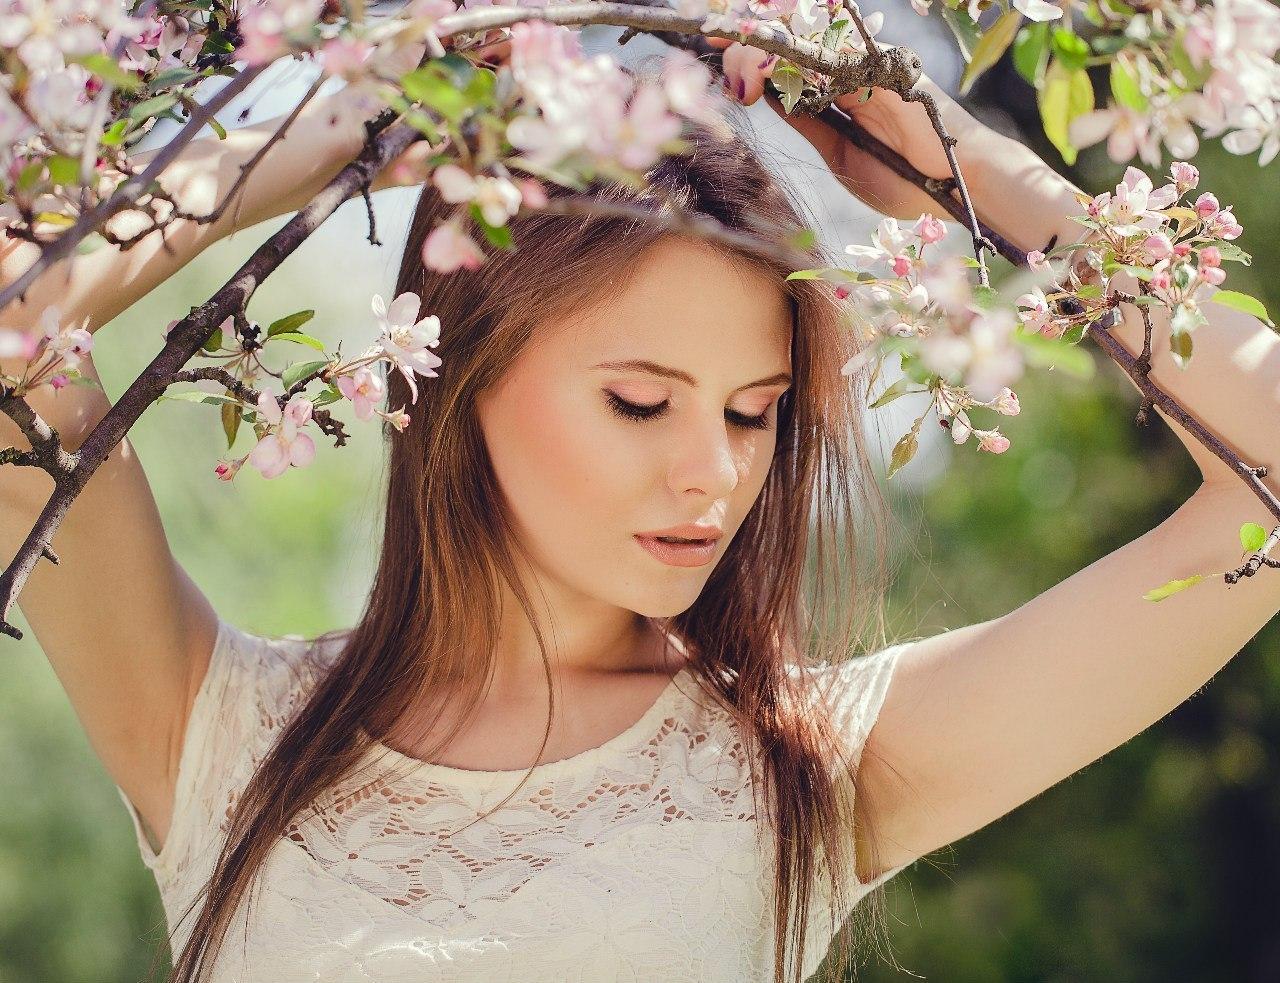 Фото девушек весной на природе идеи